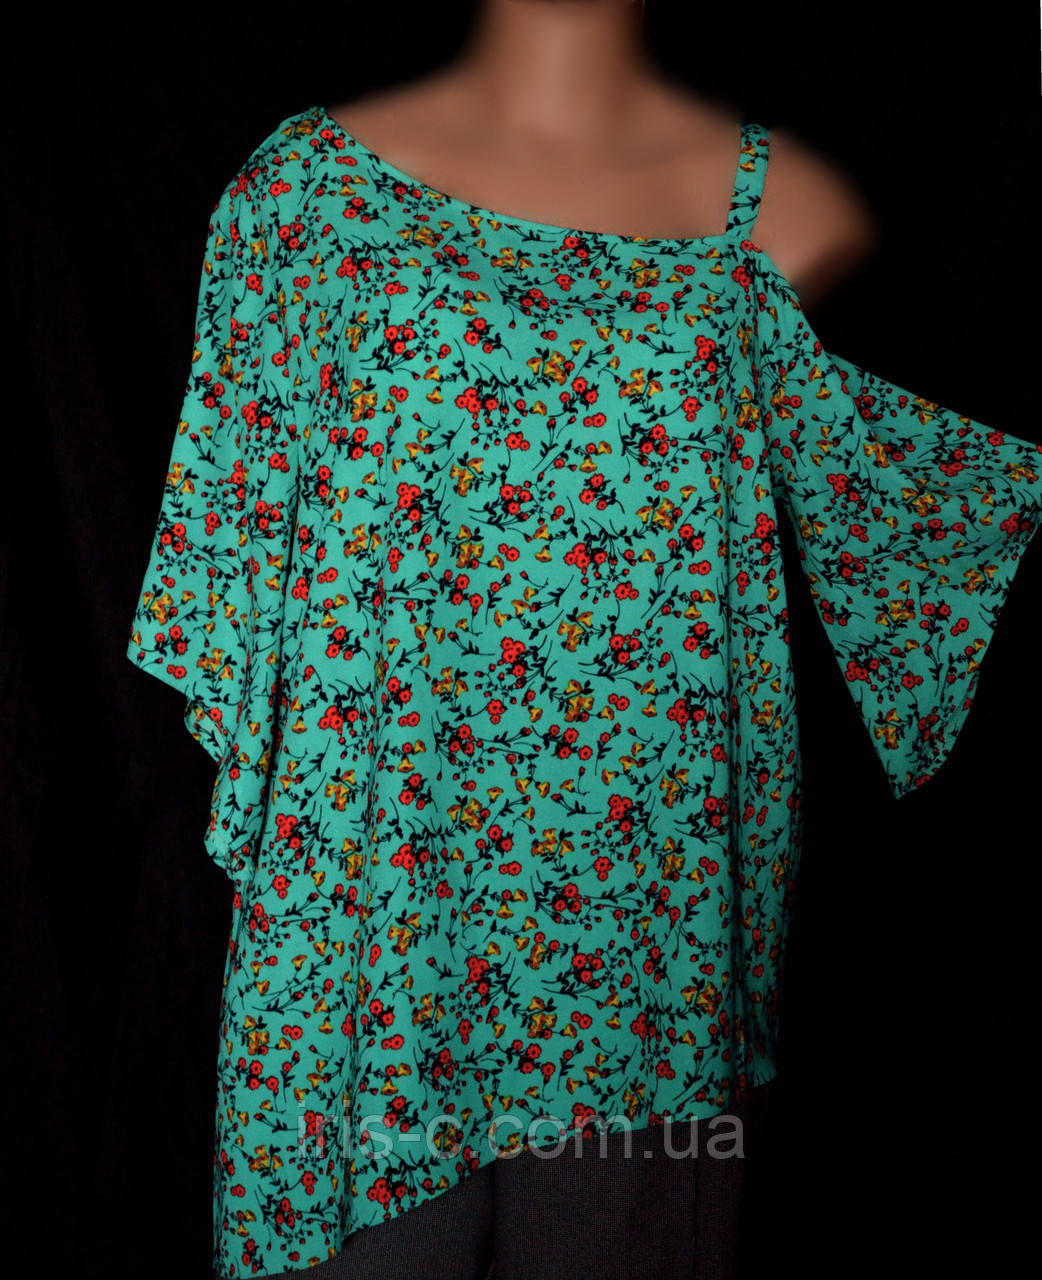 Блузка женская ь большой размер 22(54\56)